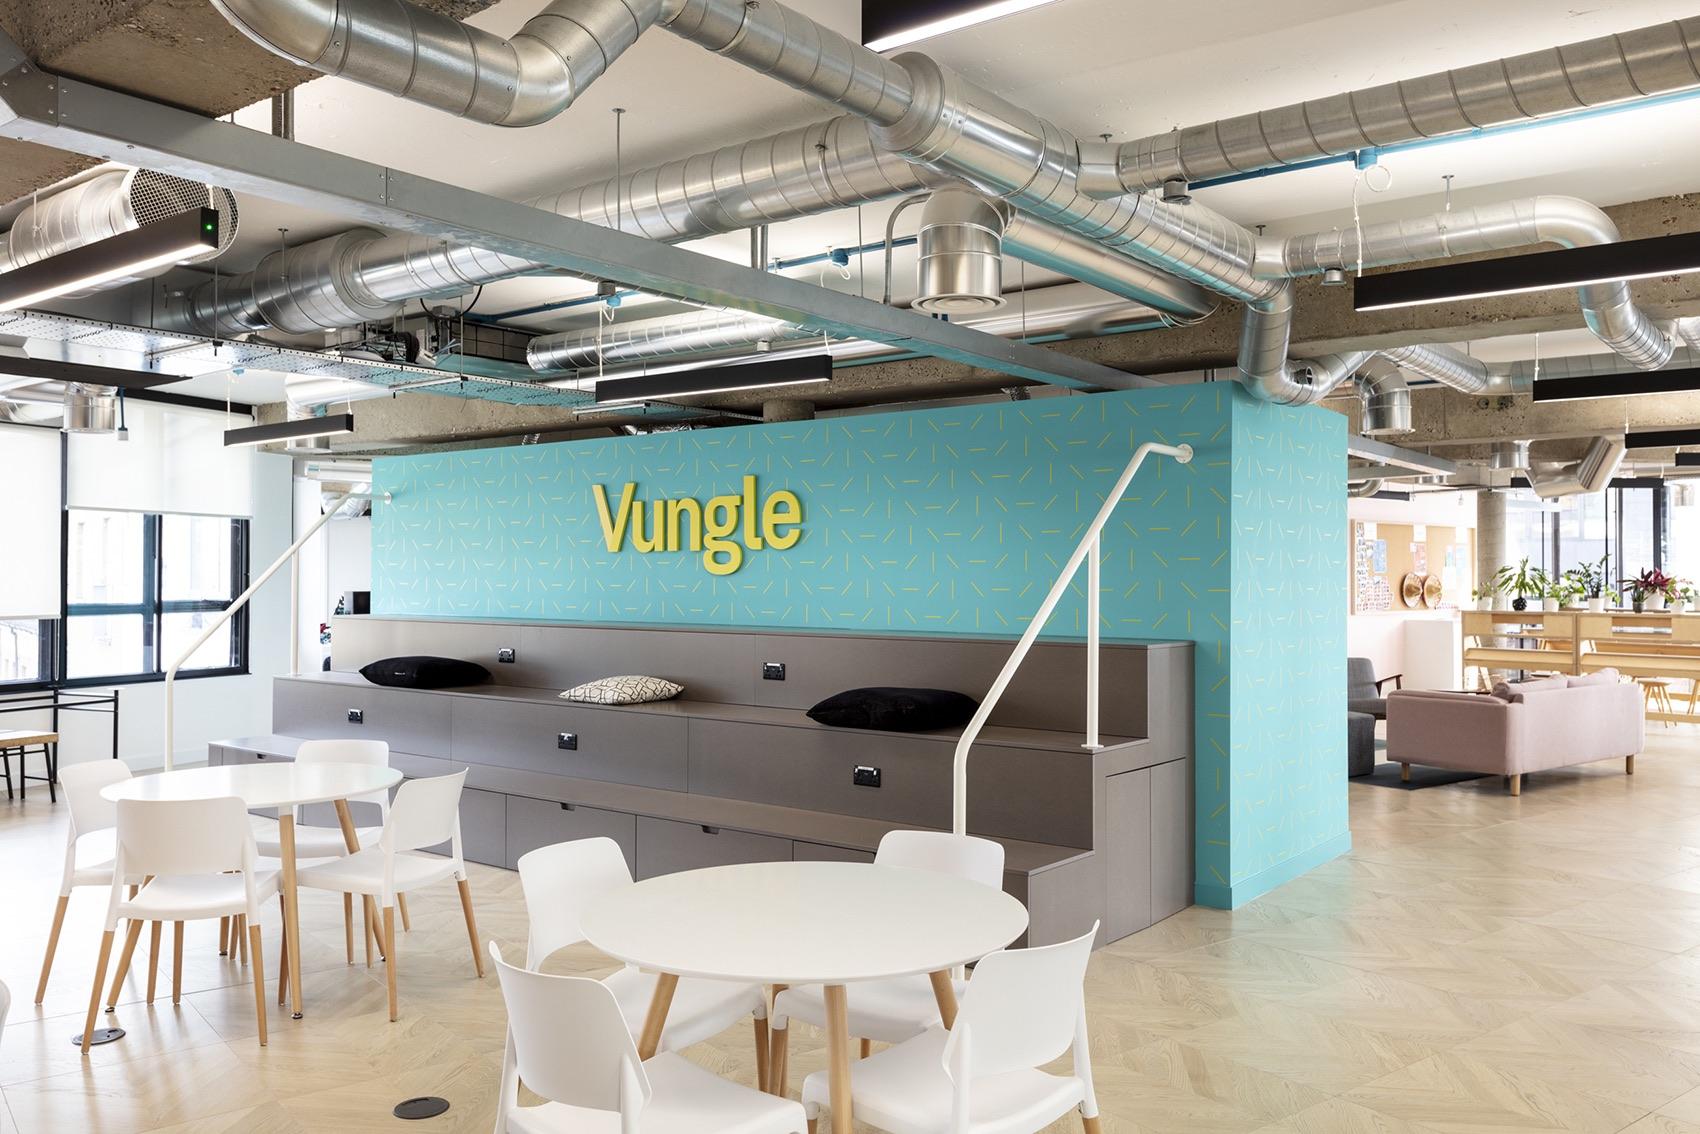 vungle-london-office-6